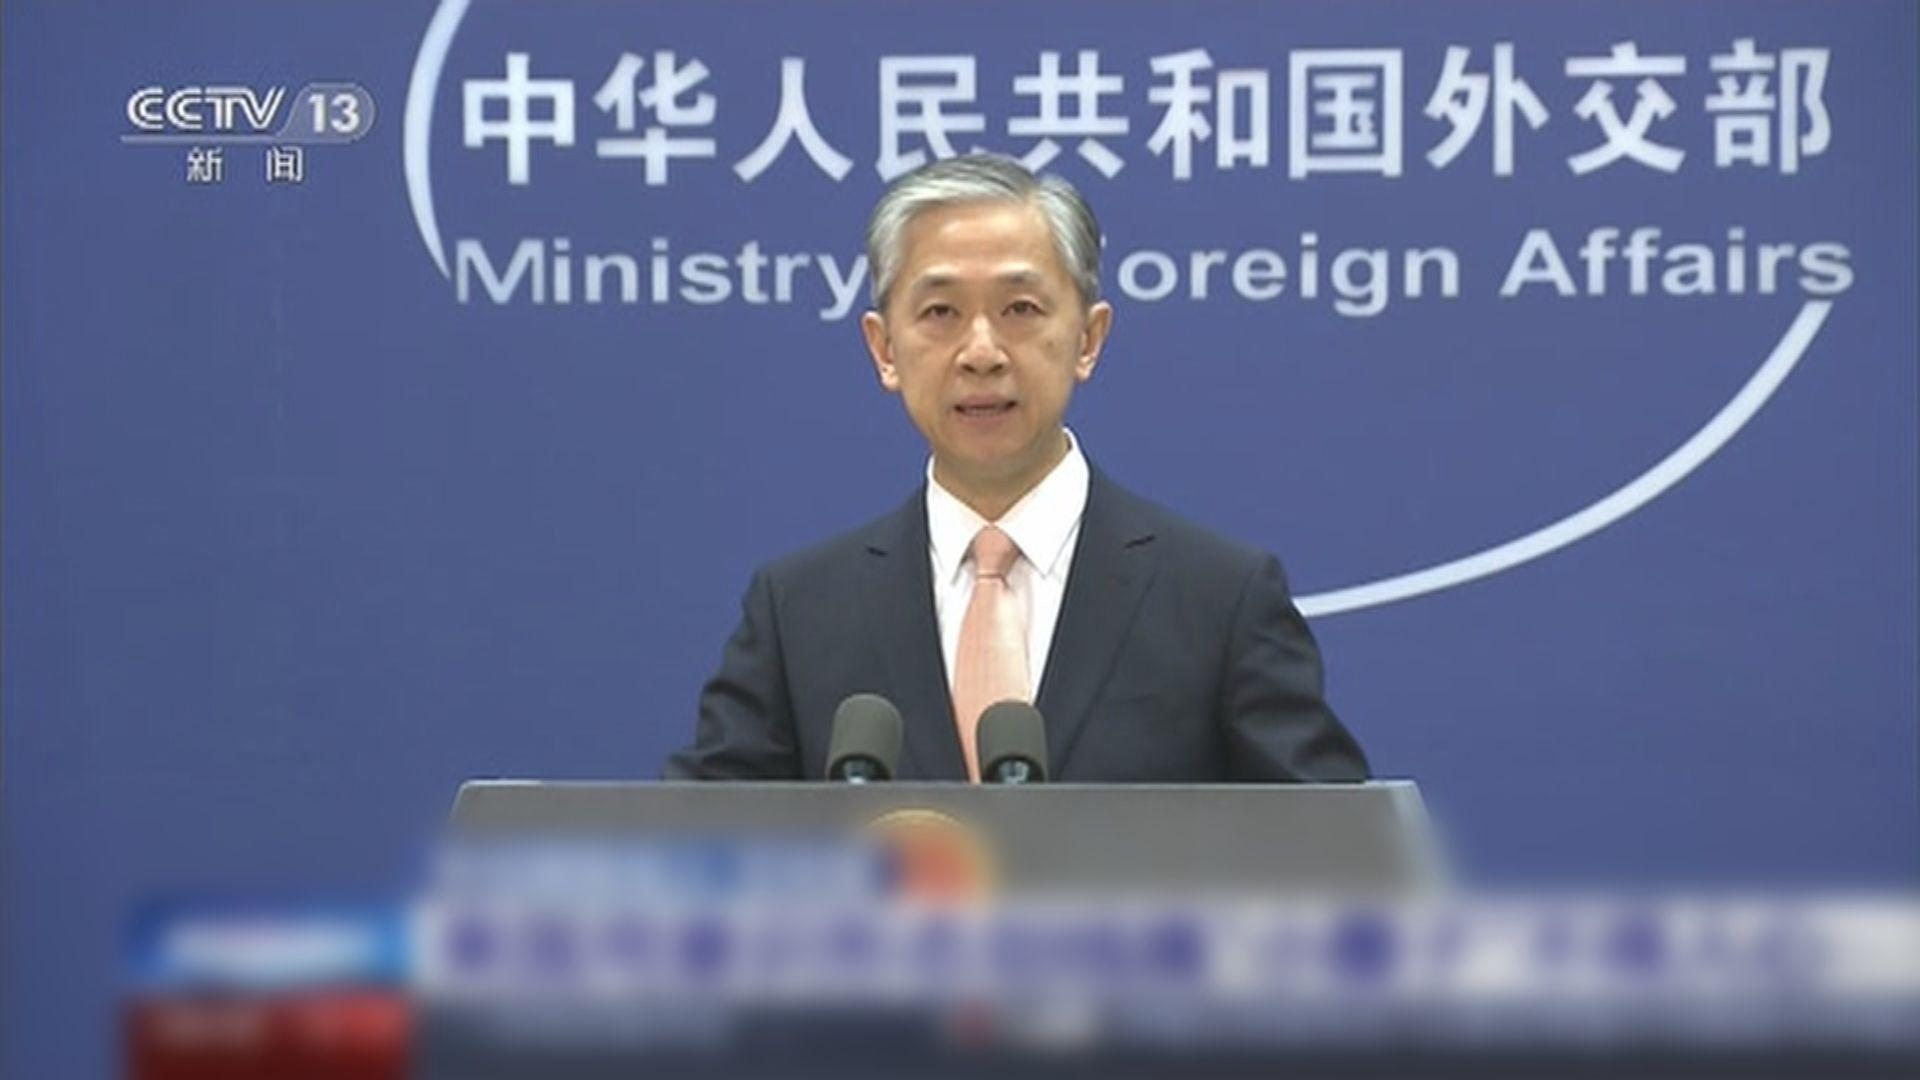 中方稱致力與美國發展合作共贏關係